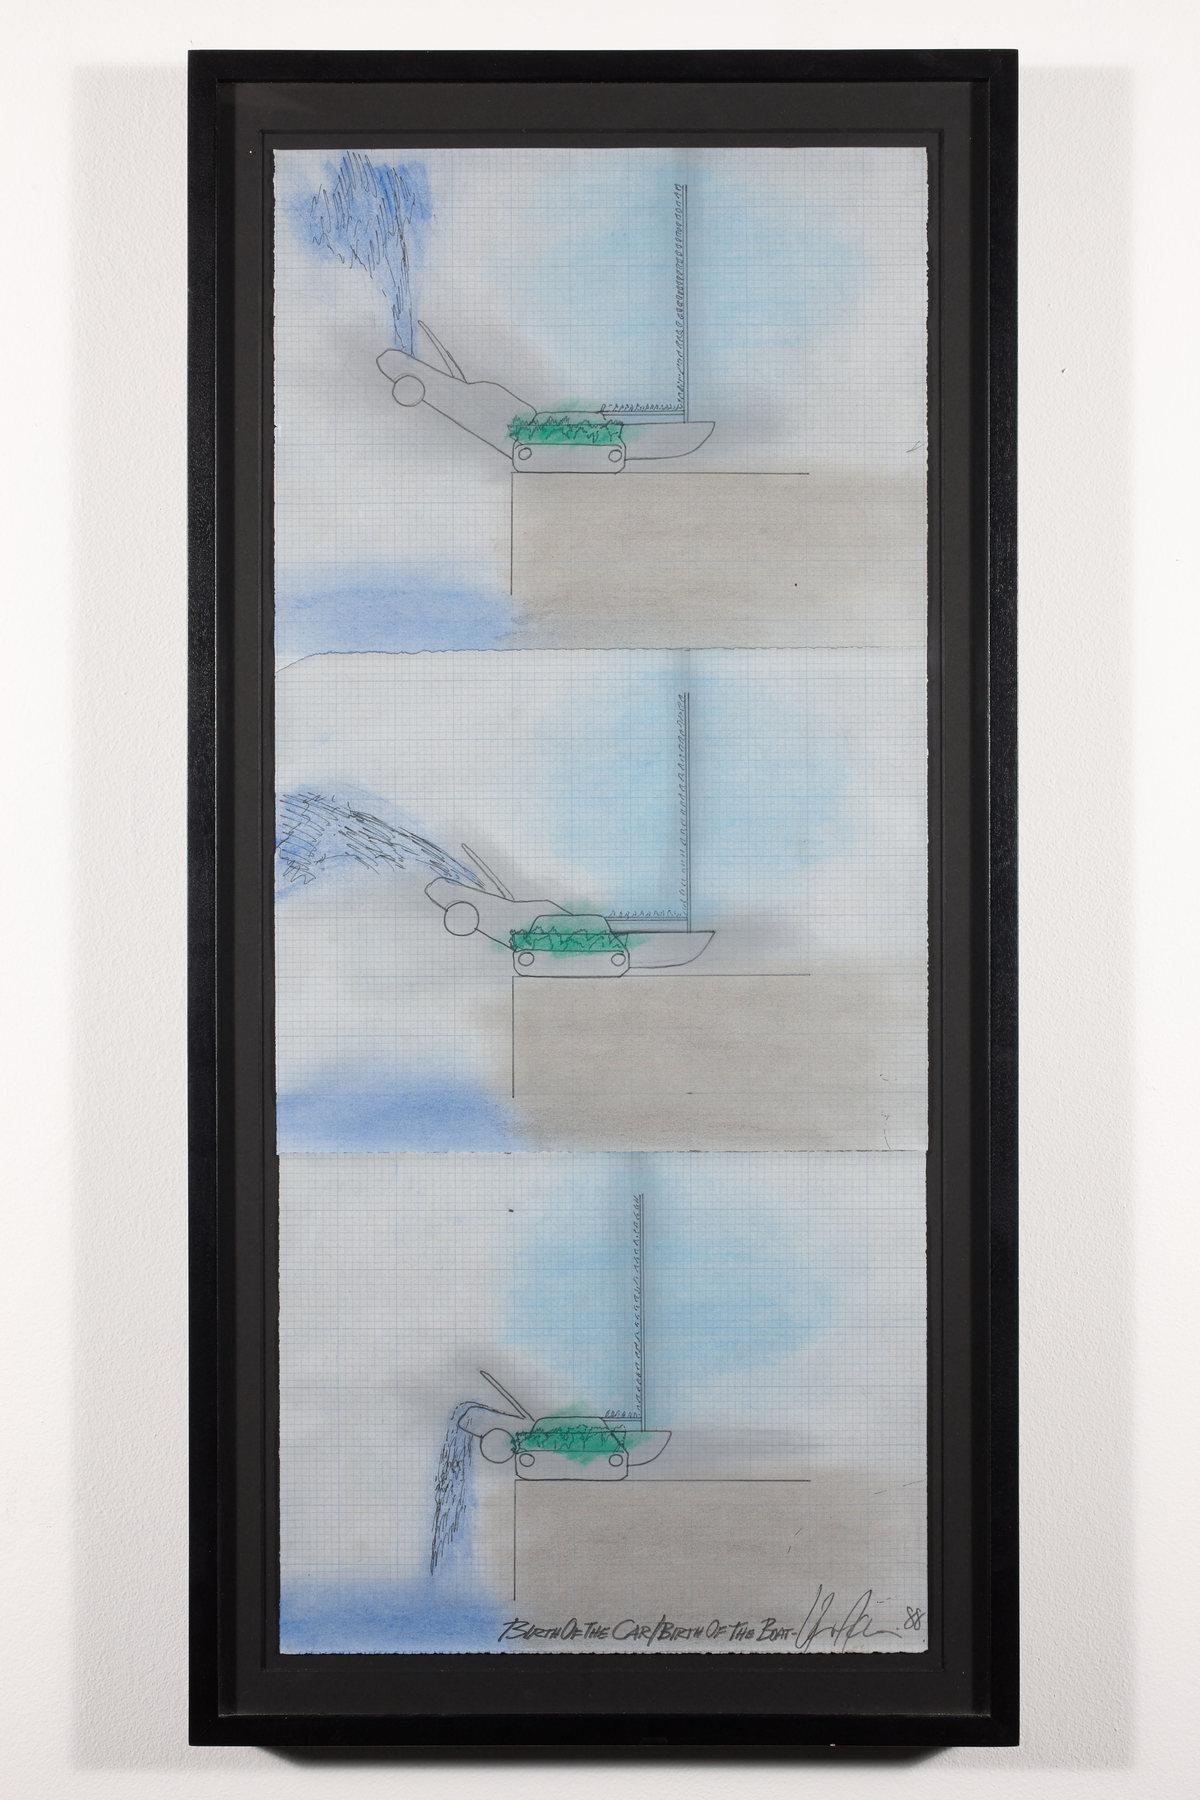 Vito Acconci - Birth of a Car _ Birth of the Boat, 1988